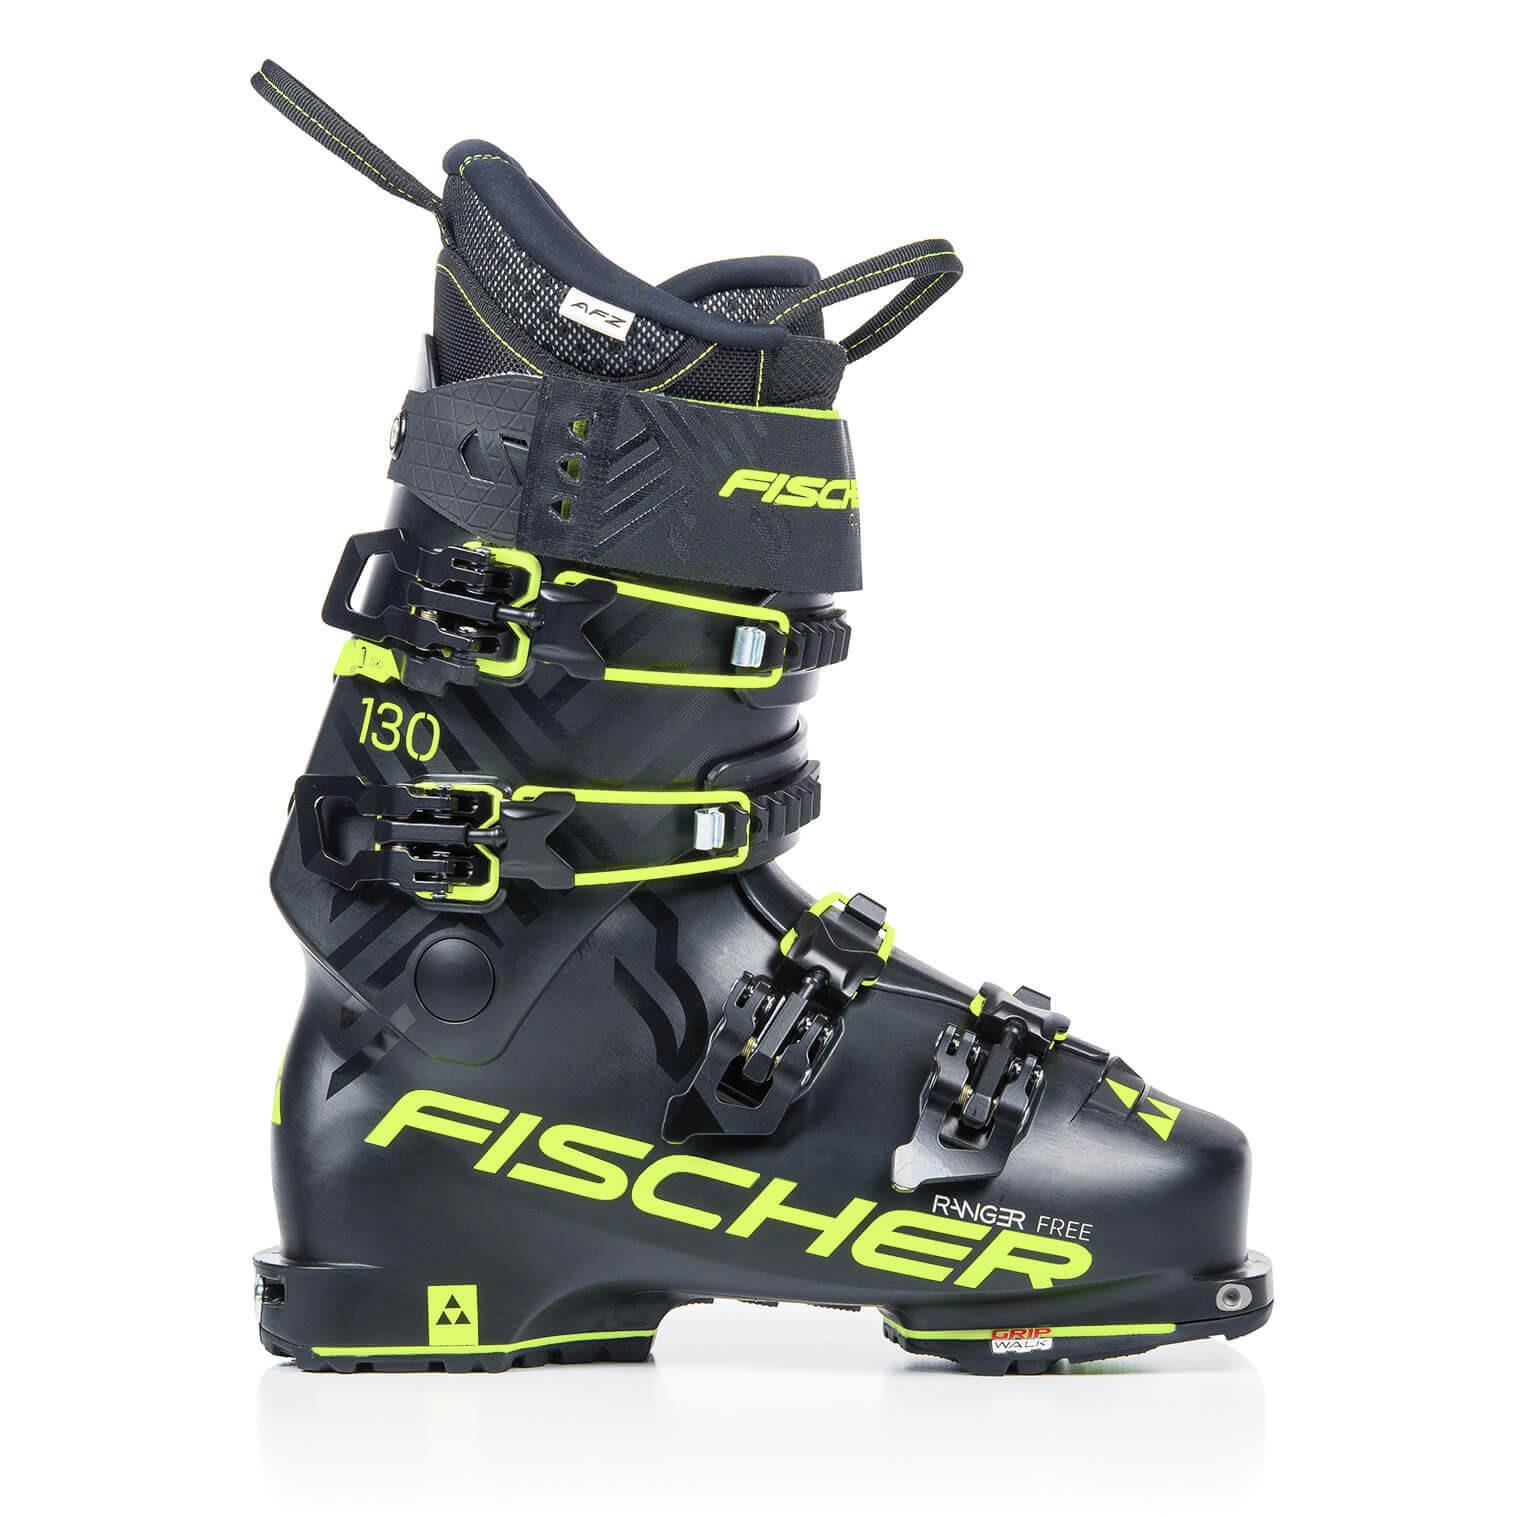 Fischer Ranger Free 130 Walk DYN